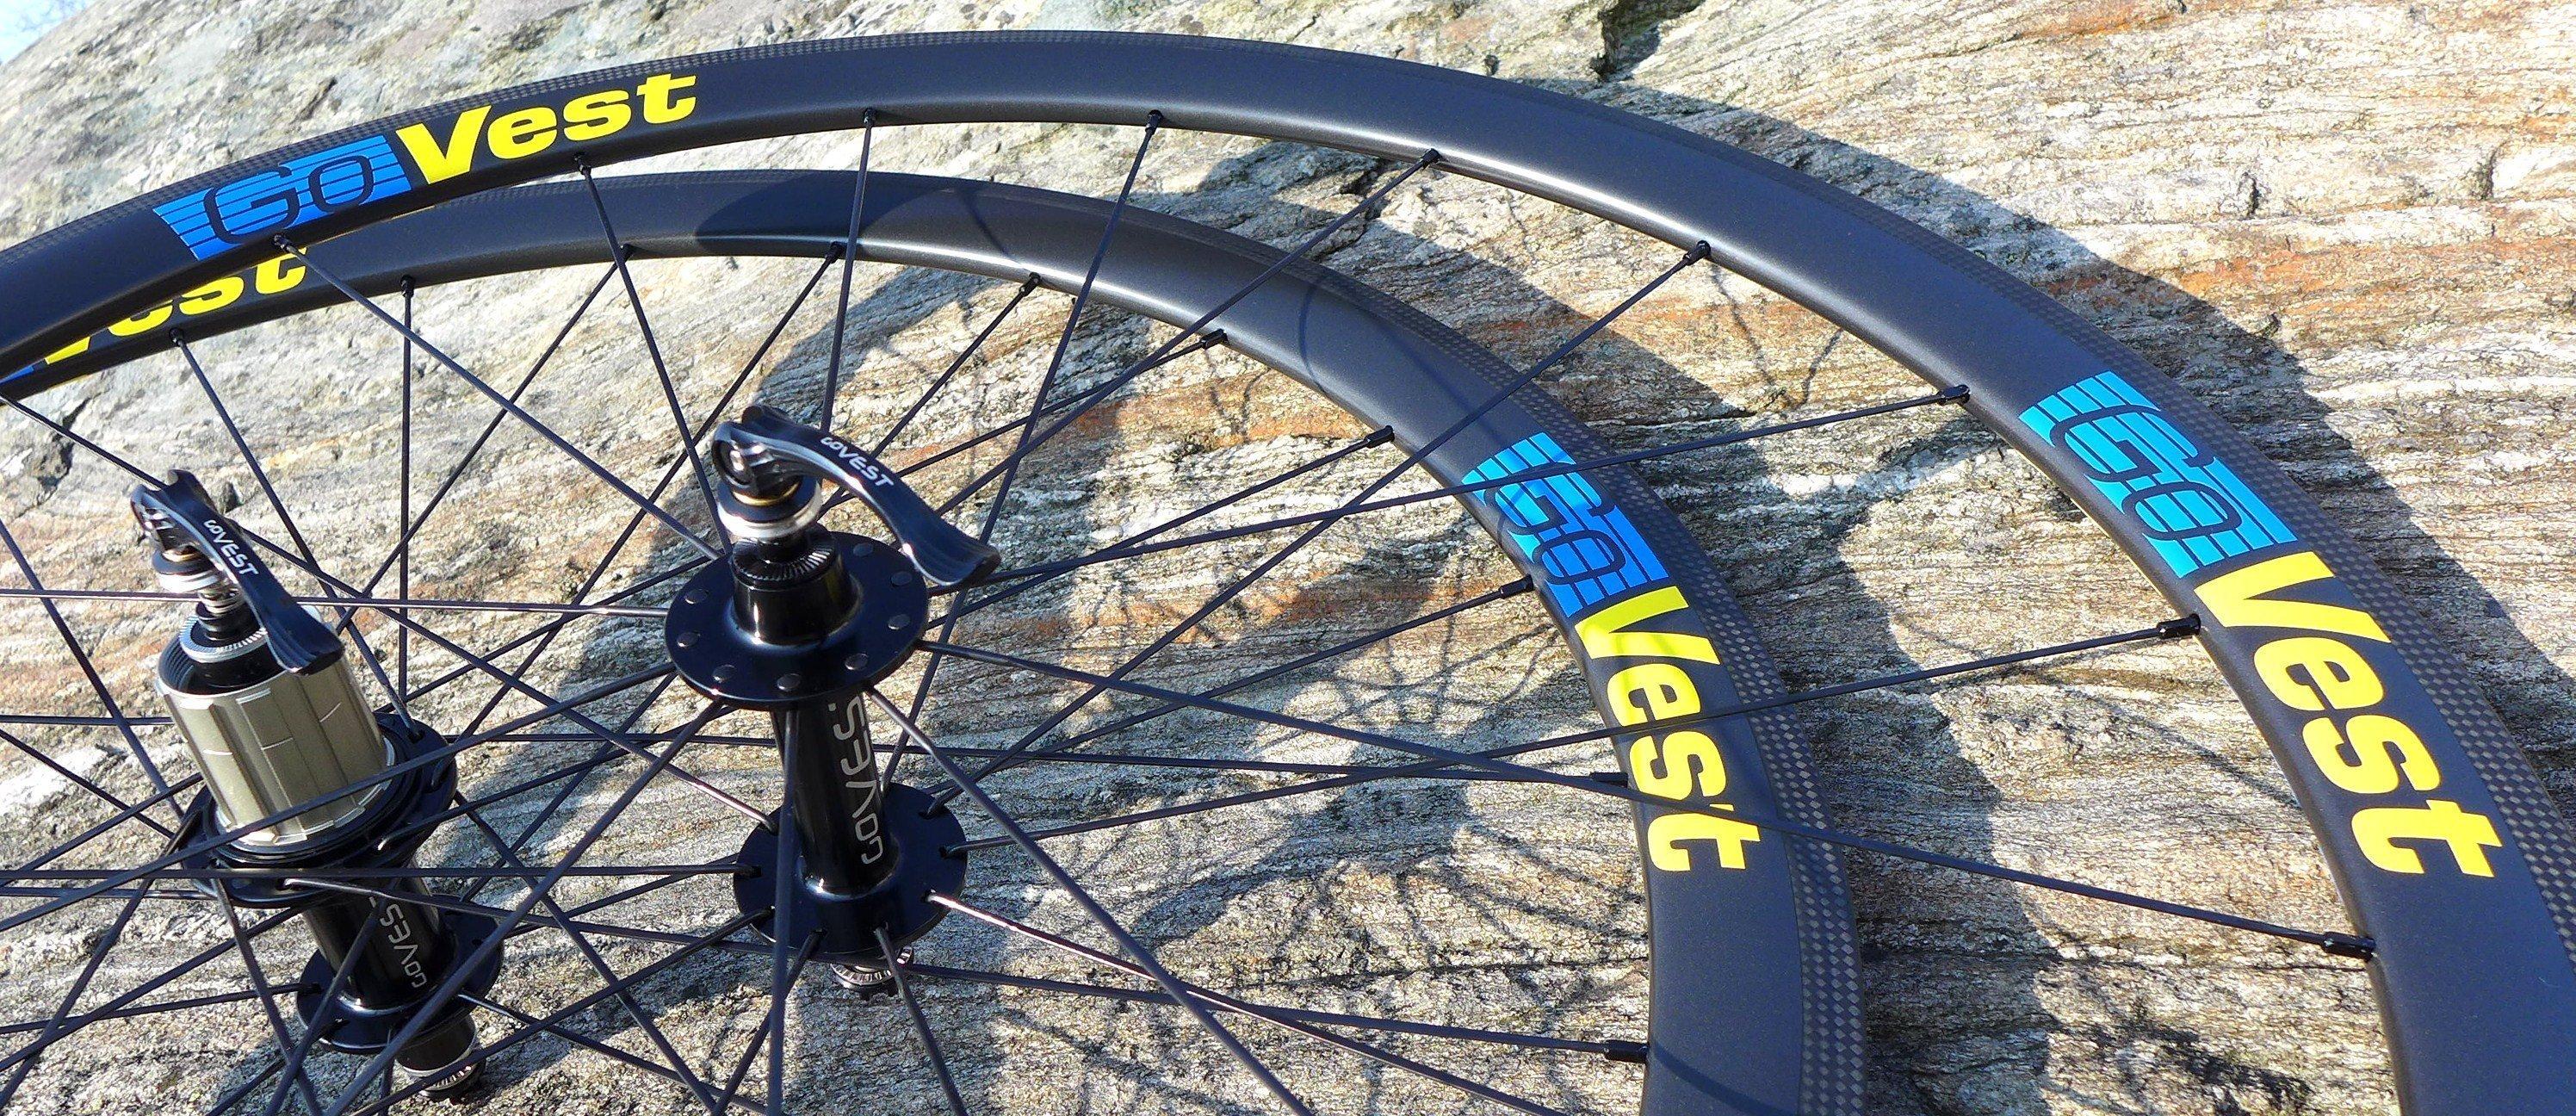 Tyr 38 - Snabba hjul i Sverigefärger sida